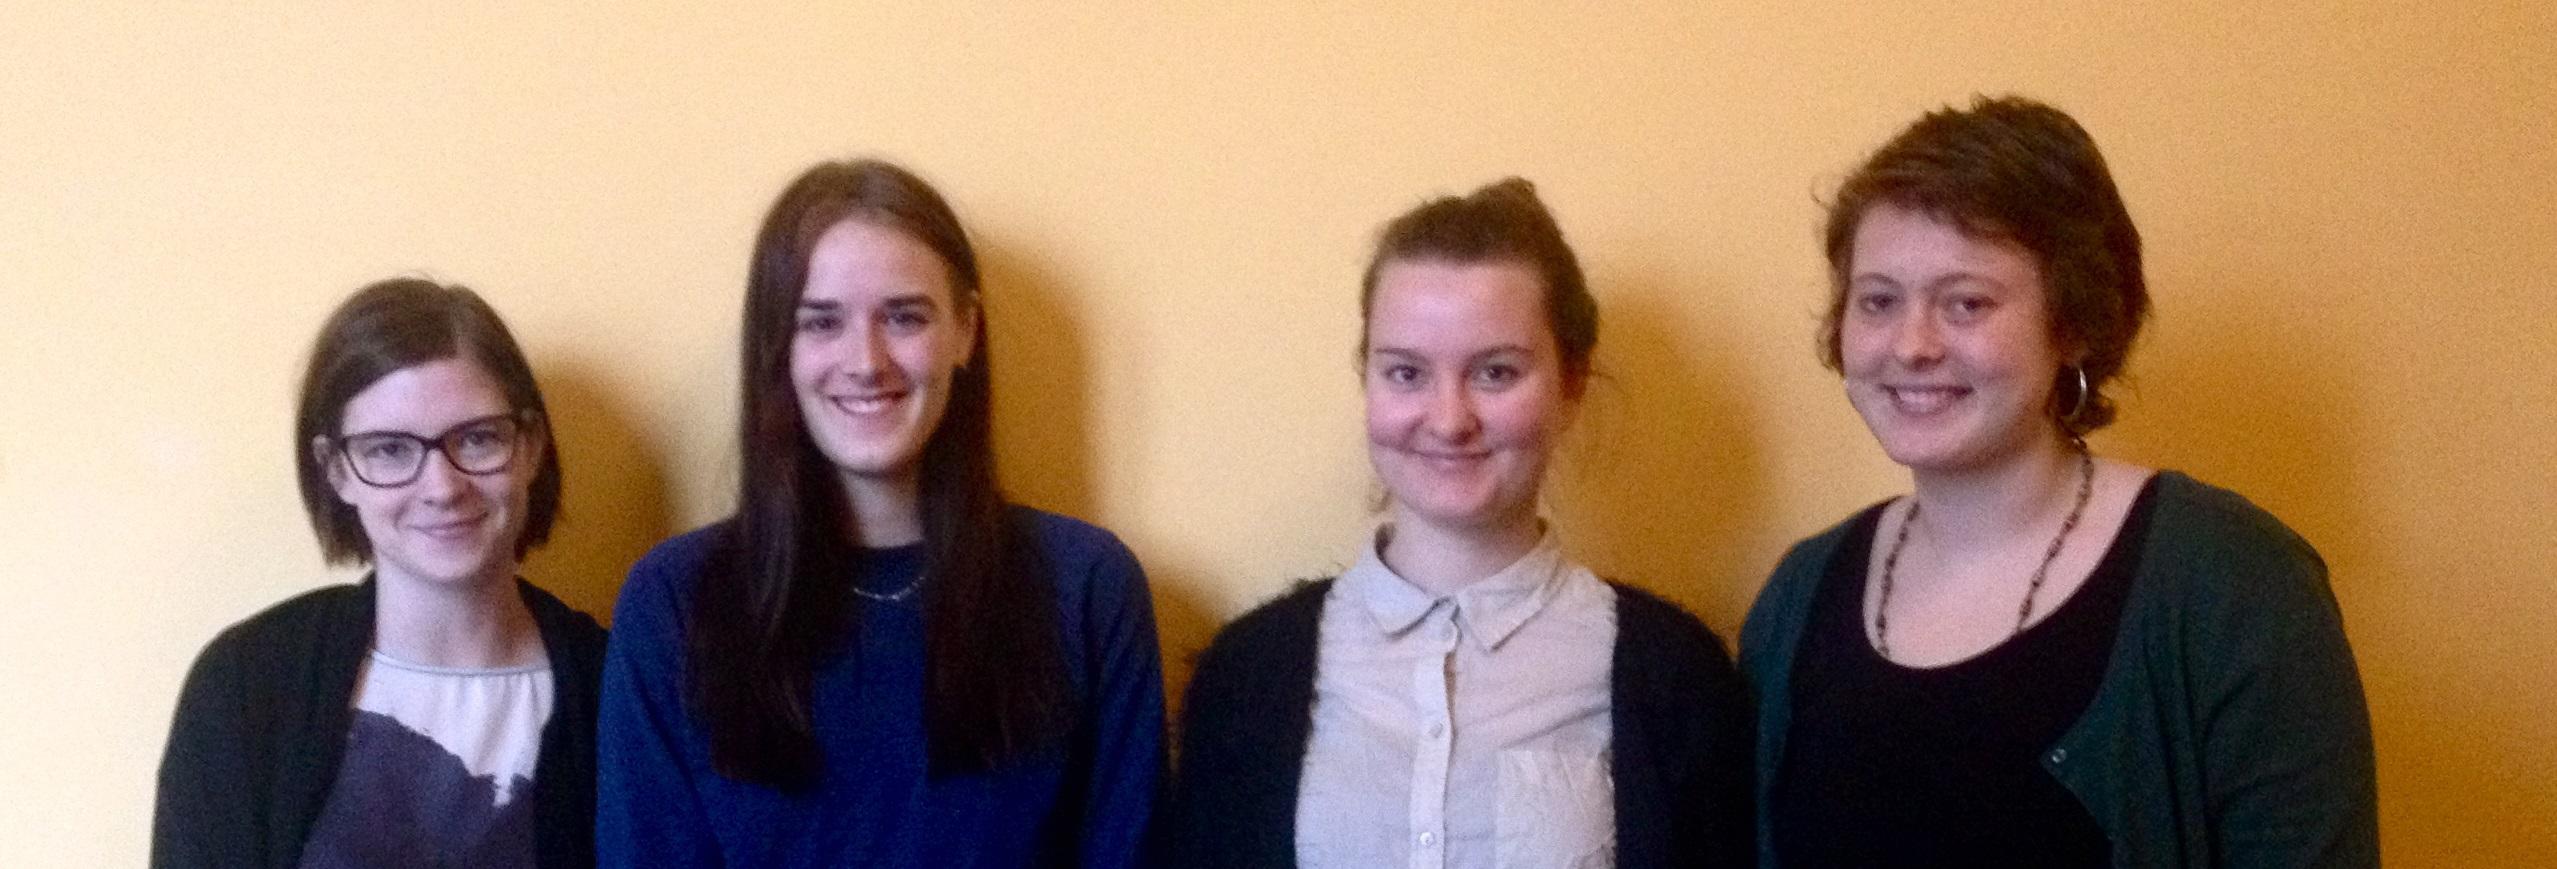 4 antropologistuderende søger unge under 30 med erfaring med depression og kontanthjælpssystemet 1